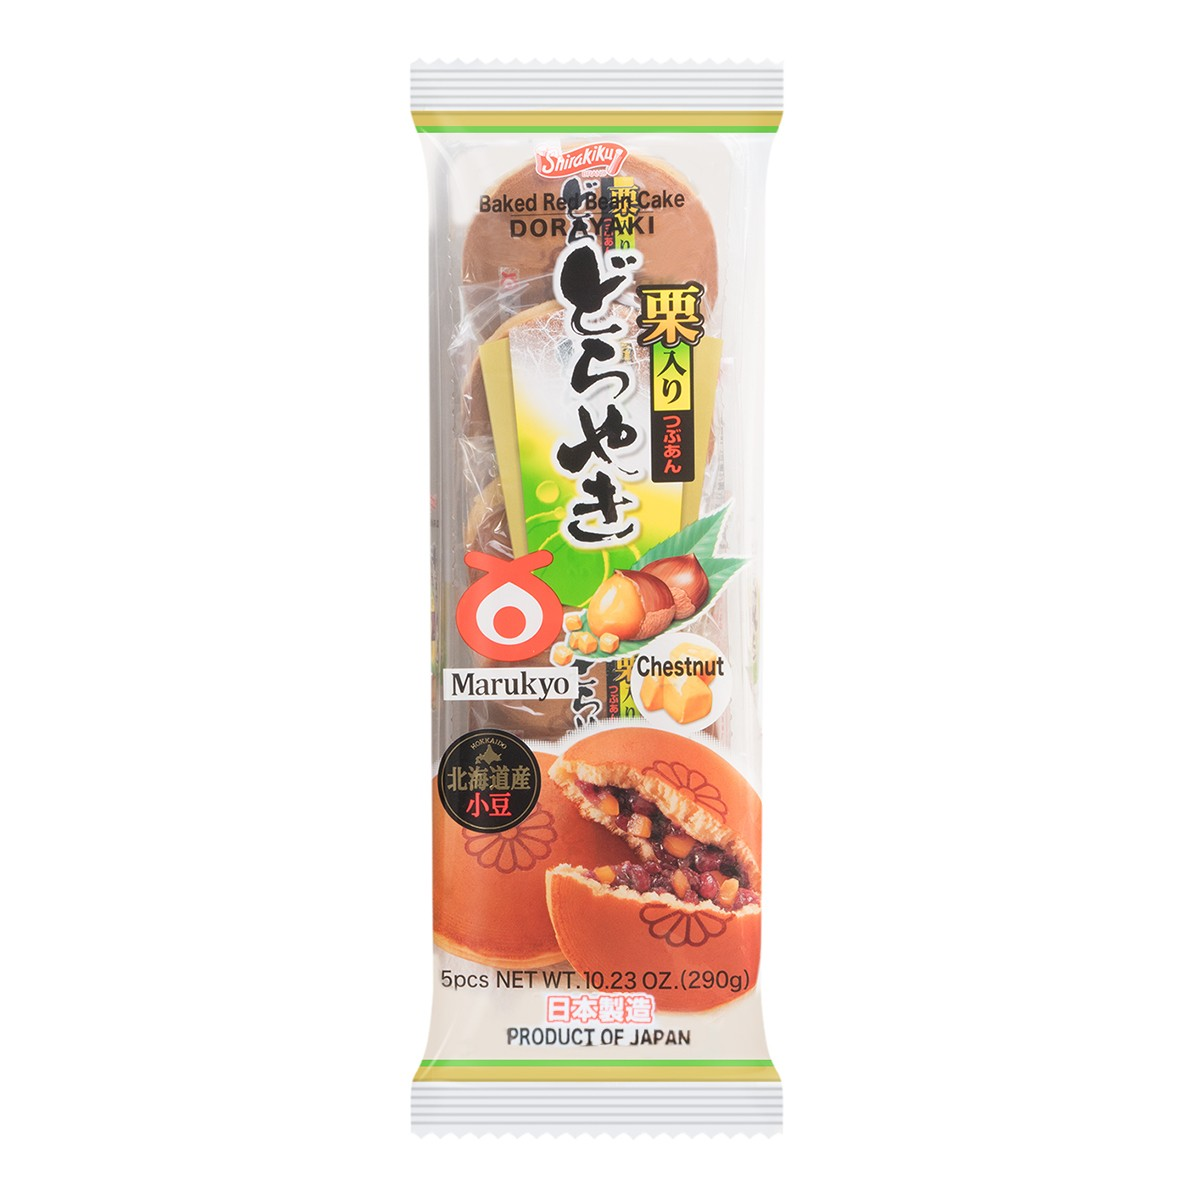 日本丸京菓子庵 铜锣烧 红豆栗子味 5枚入 290g